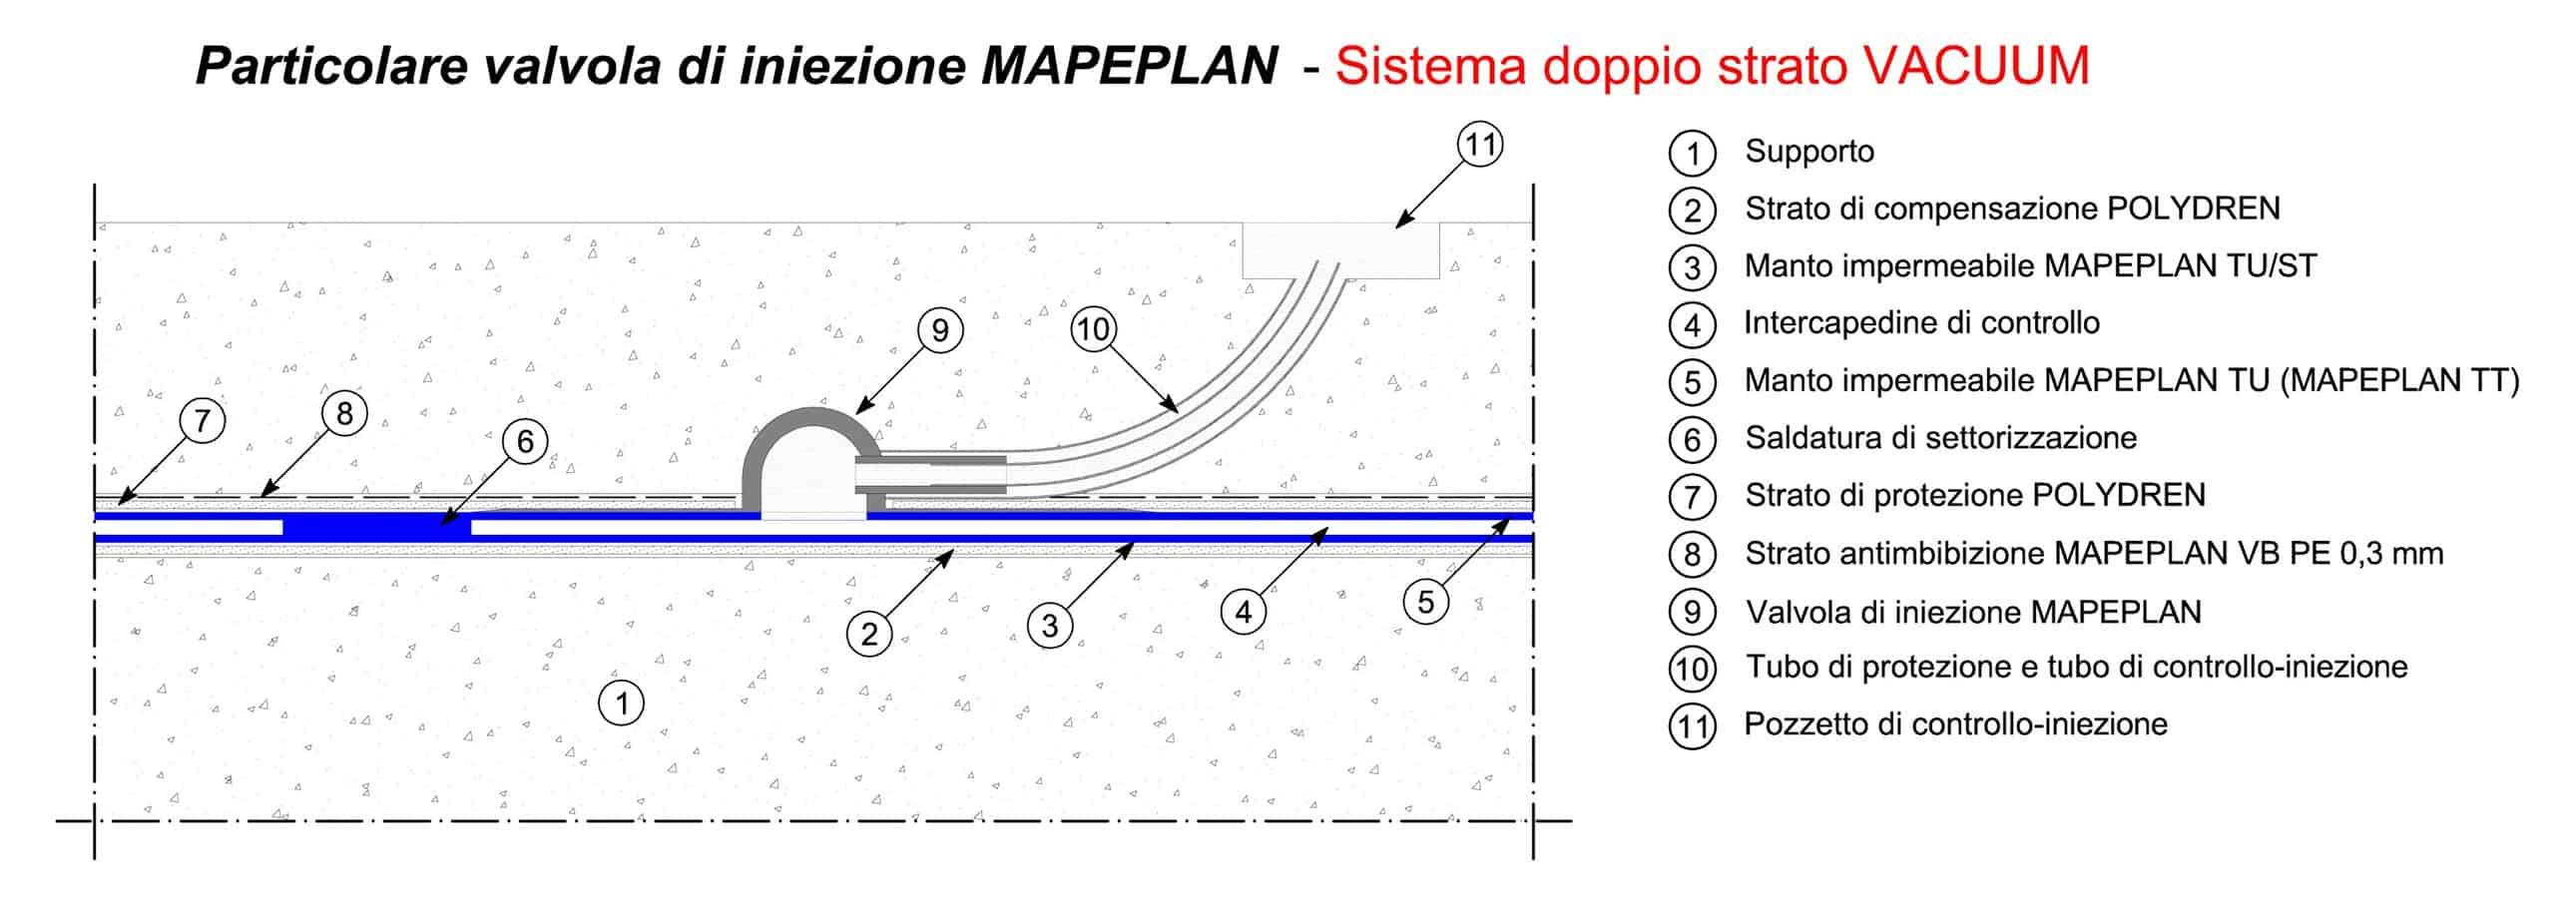 Il particolare della valvola d'iniezione Mapeplan: il sistema doppio strato Vacuum